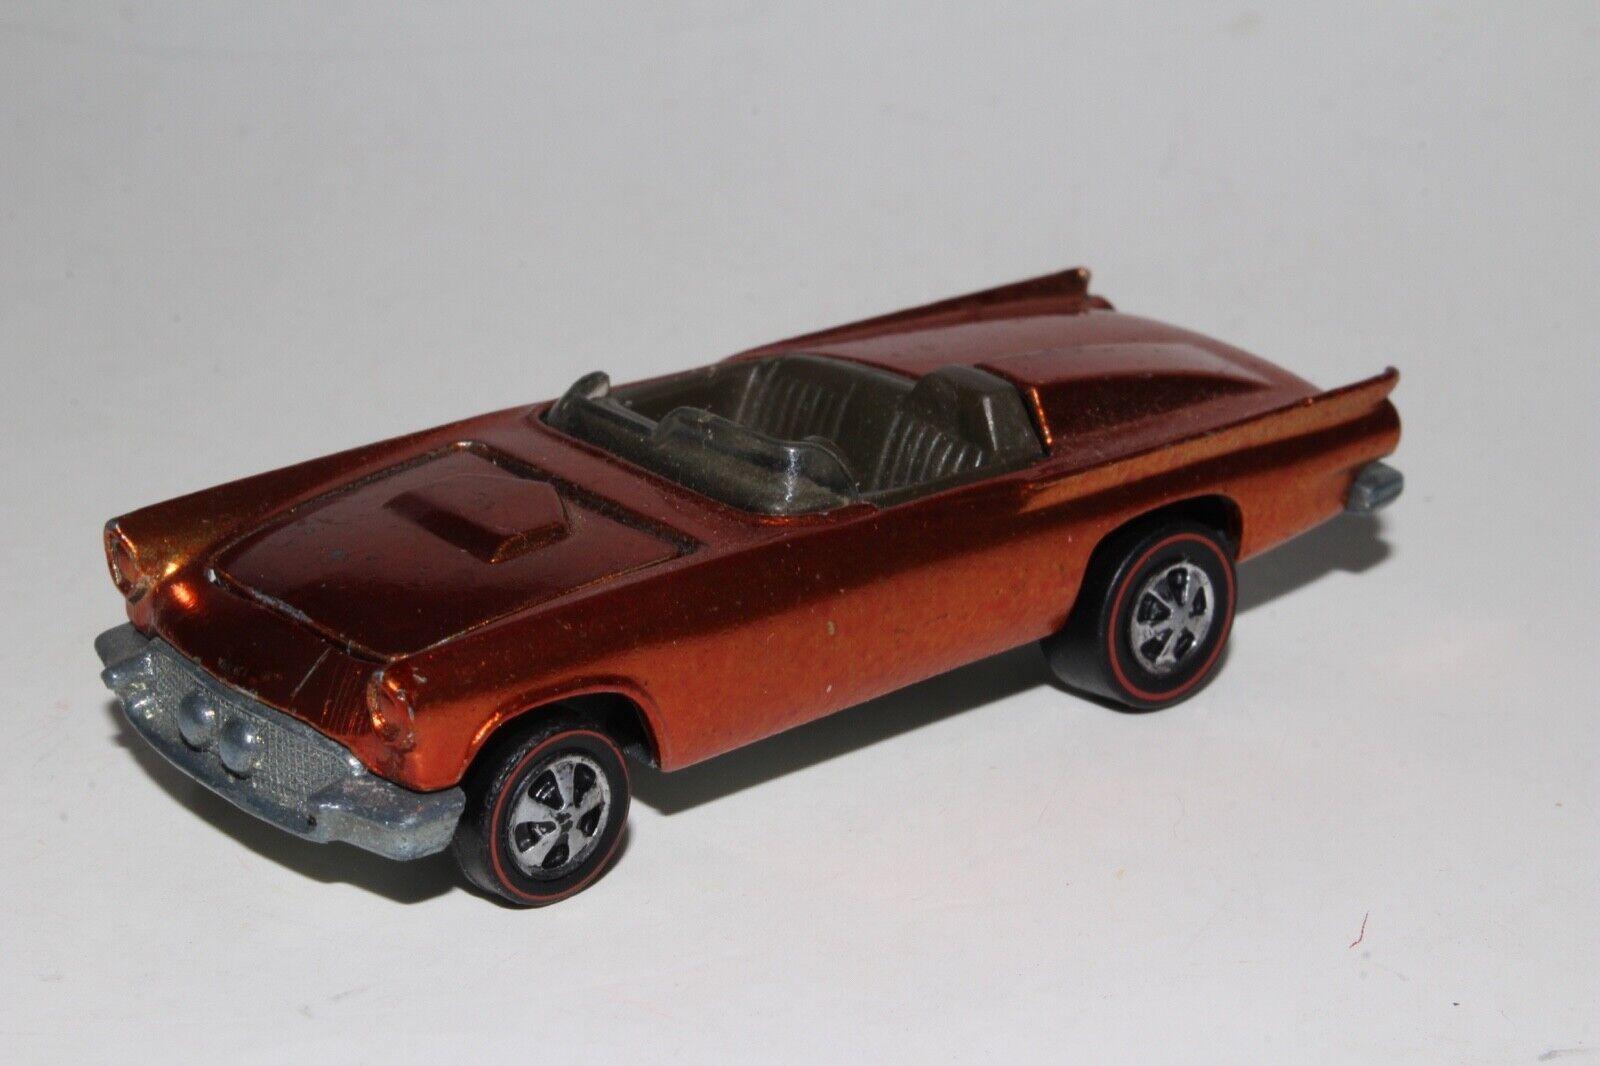 Hot Wheels rougeline Classique '57 Ford T-Bird, Métal Orange,Agréable,Original